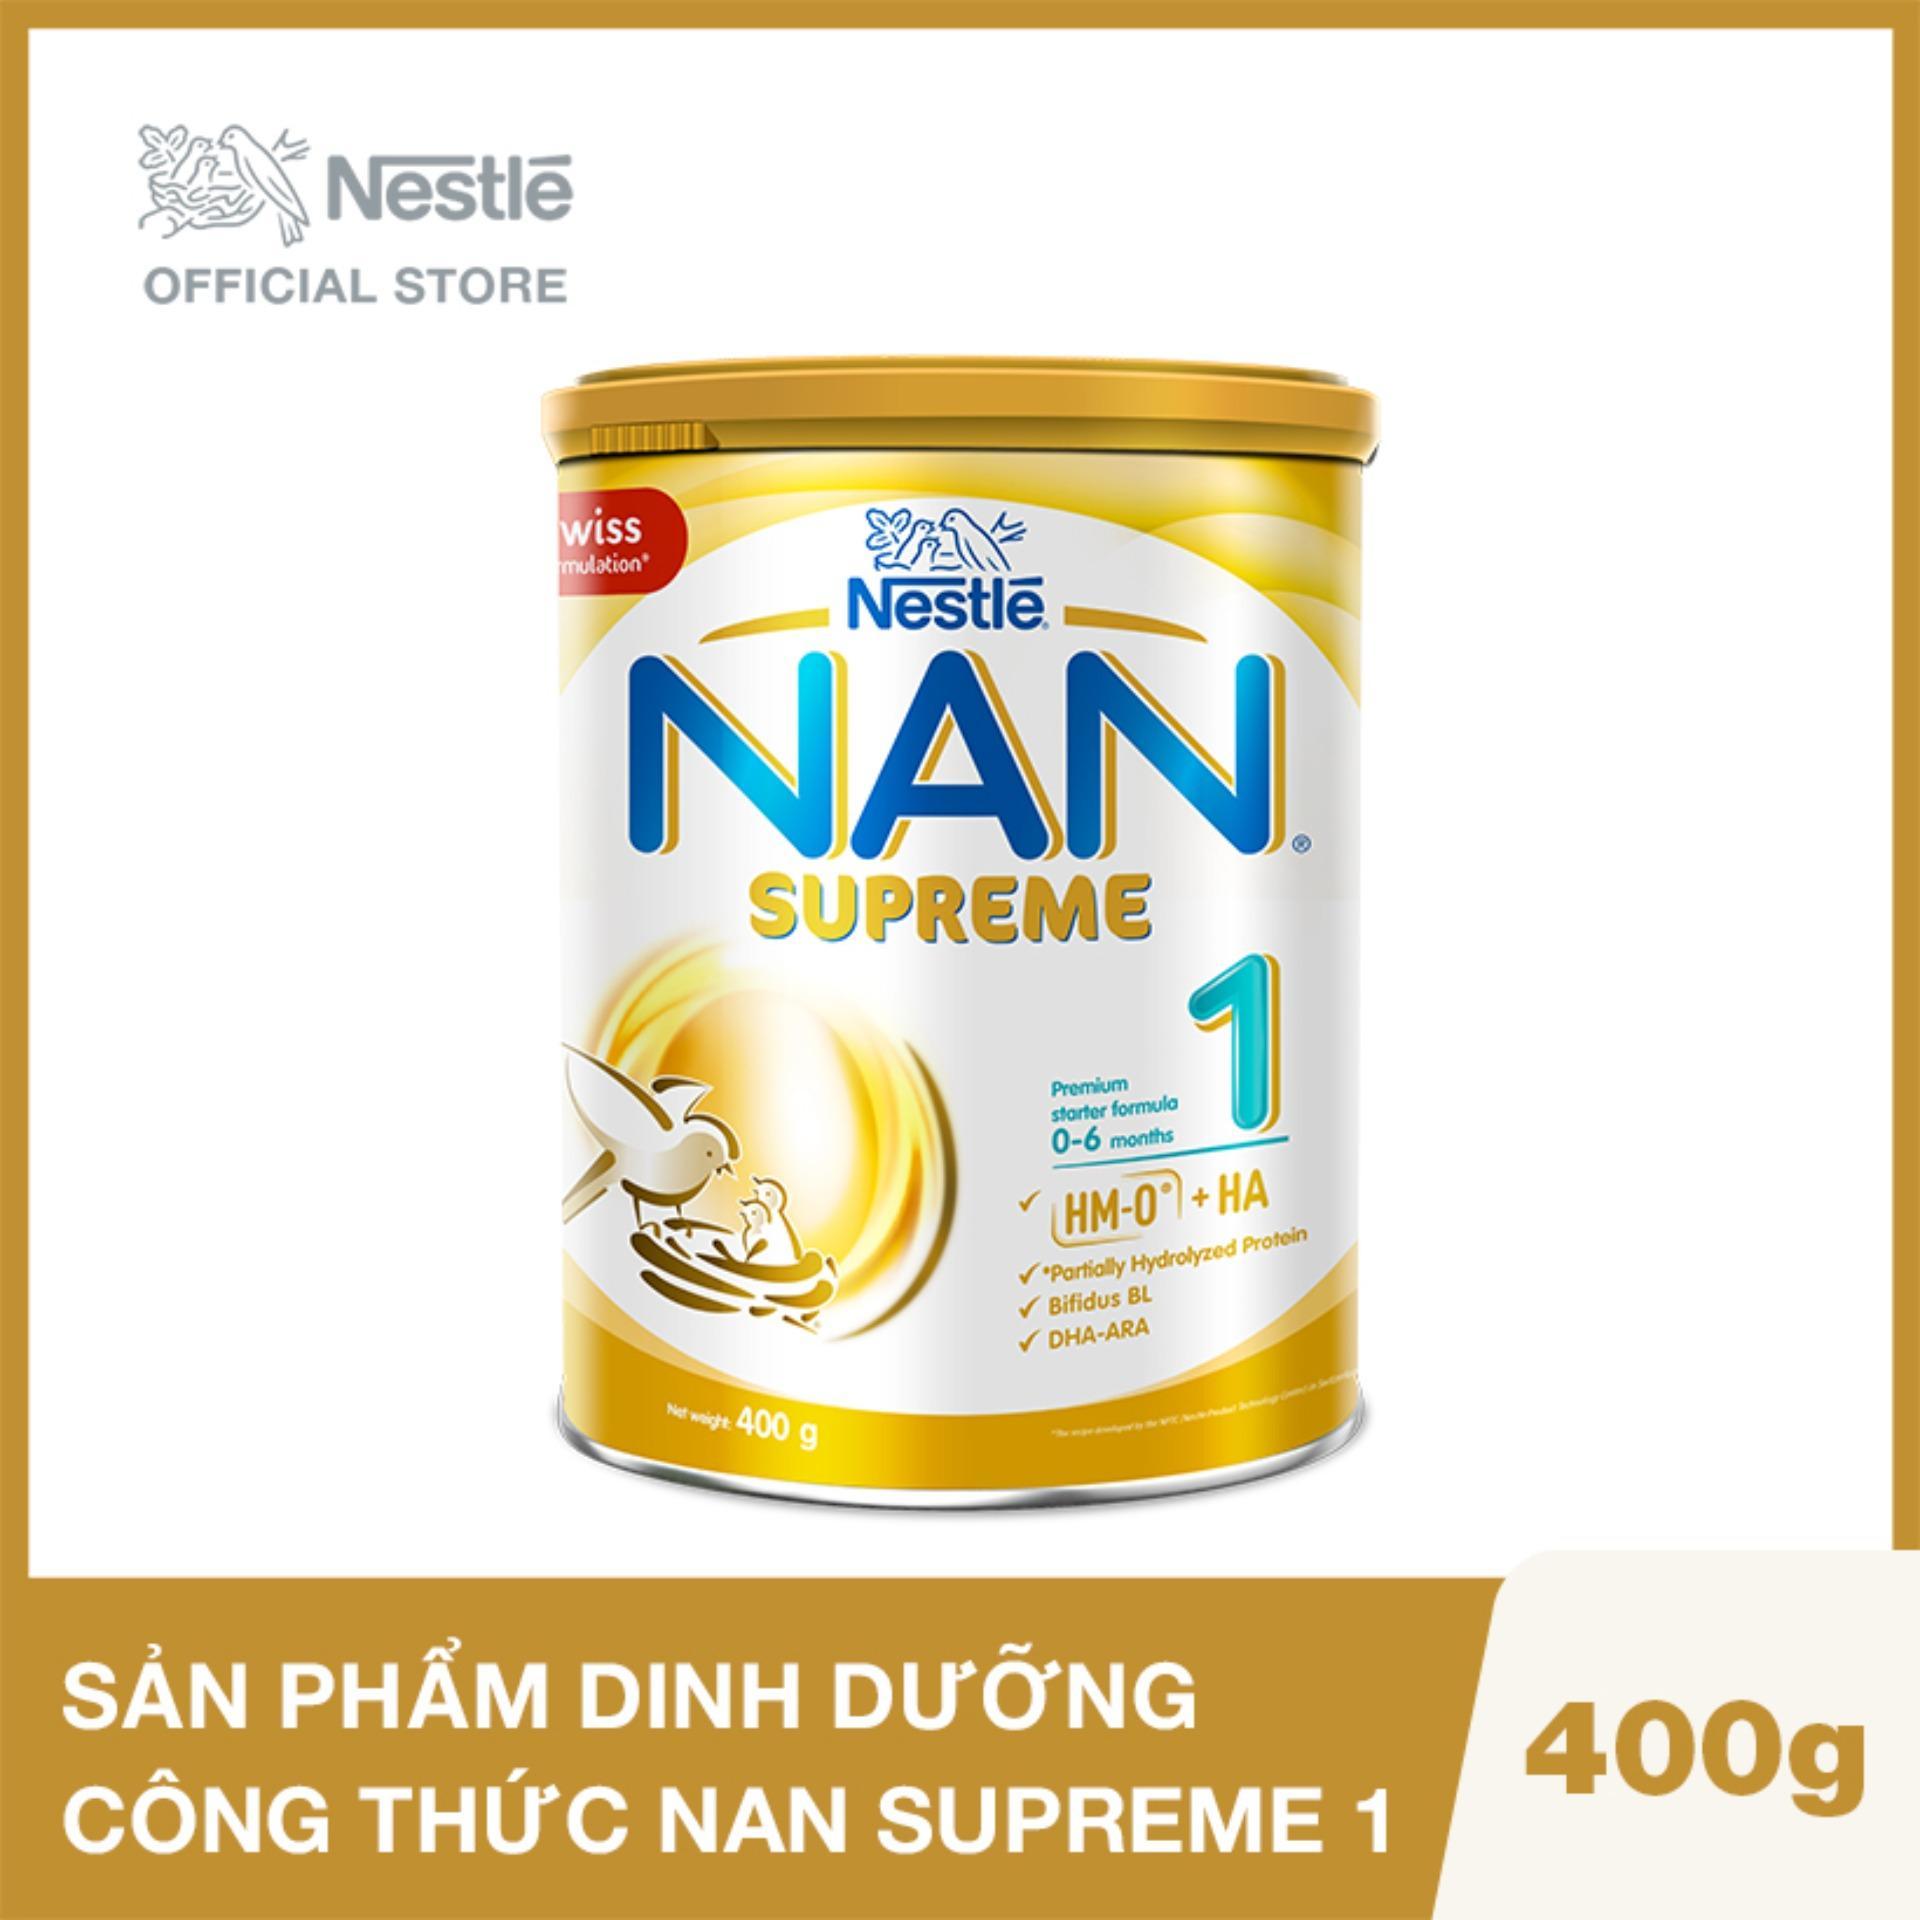 Sản phẩm dinh dưỡng công thức NAN SUPREME 1 - Lon 400g